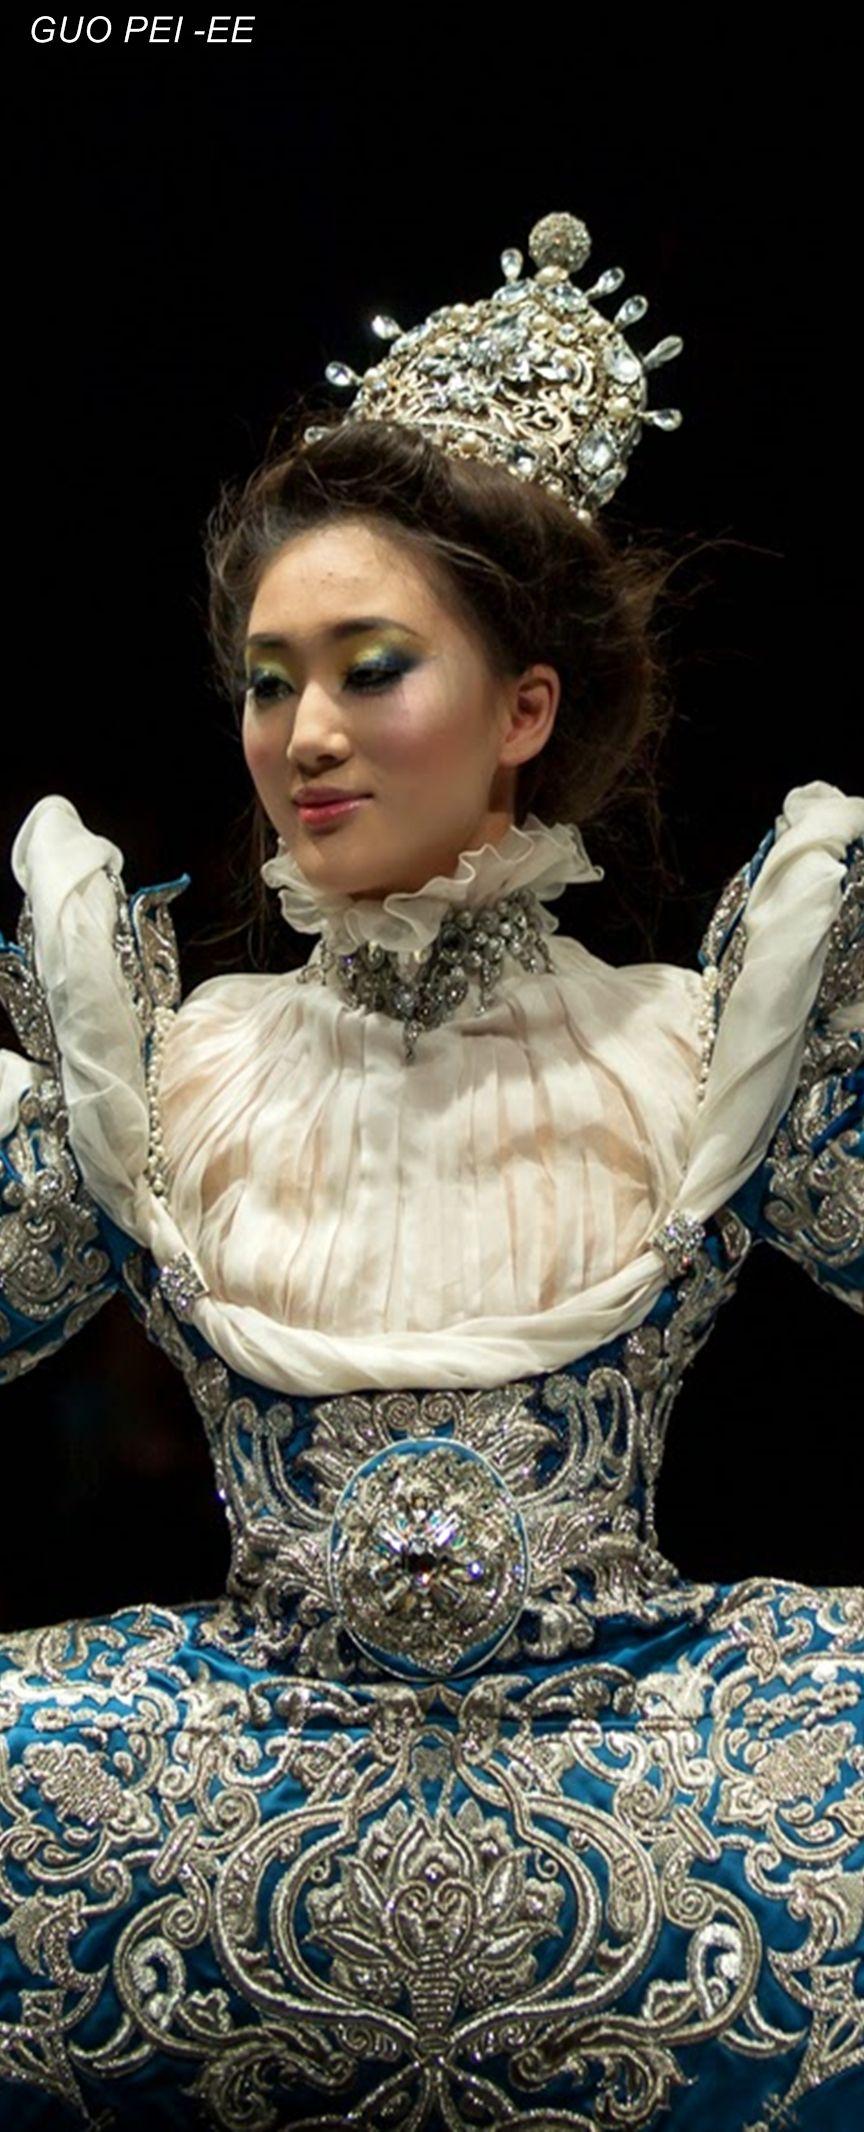 Guo Pei - EE